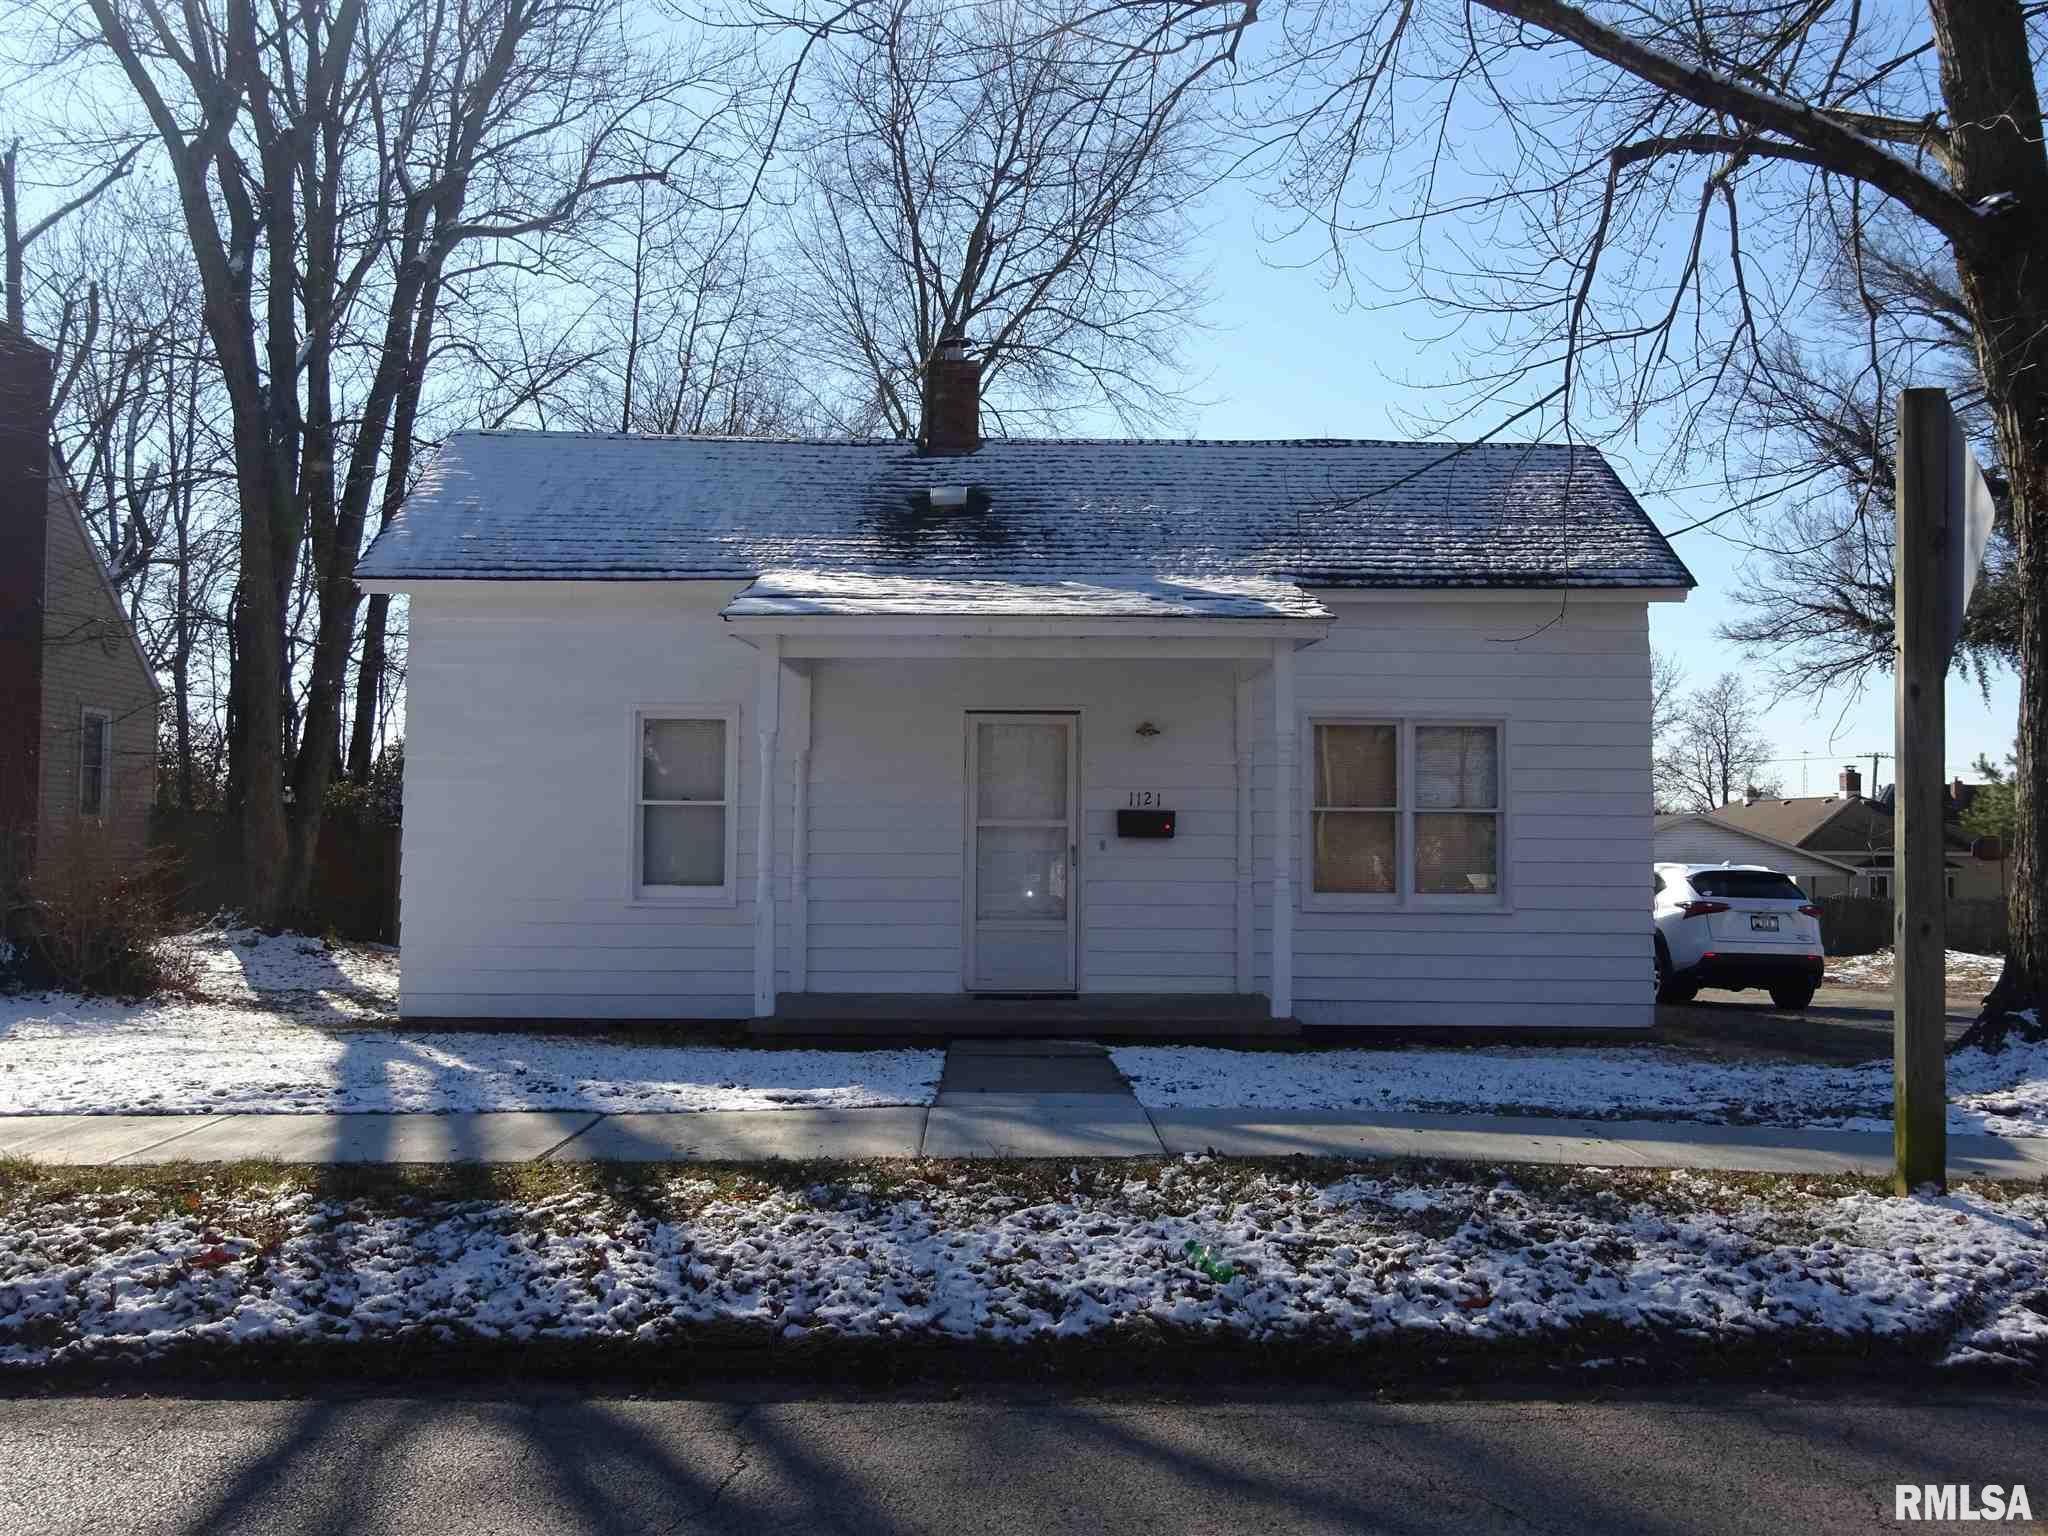 1121 BENTON Property Photo - Eldorado, IL real estate listing